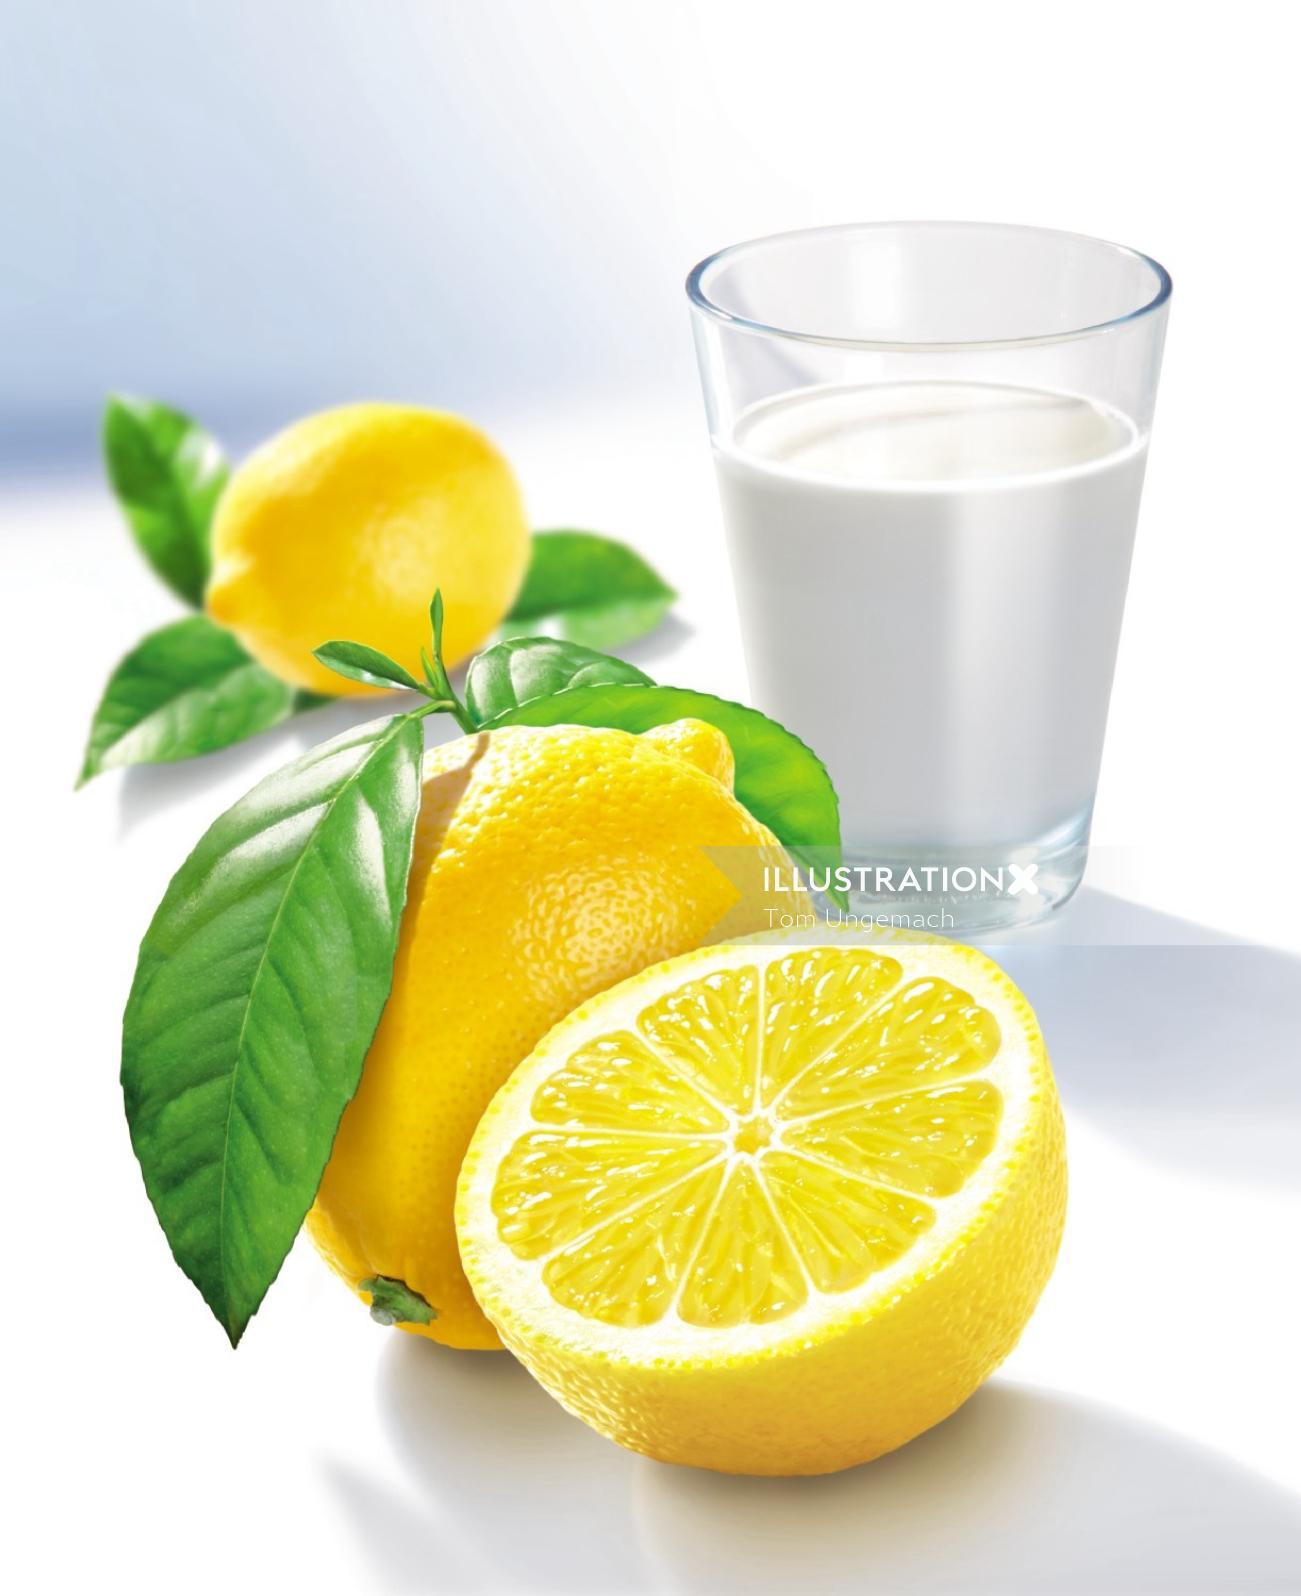 Photorealistic illustration of lemons